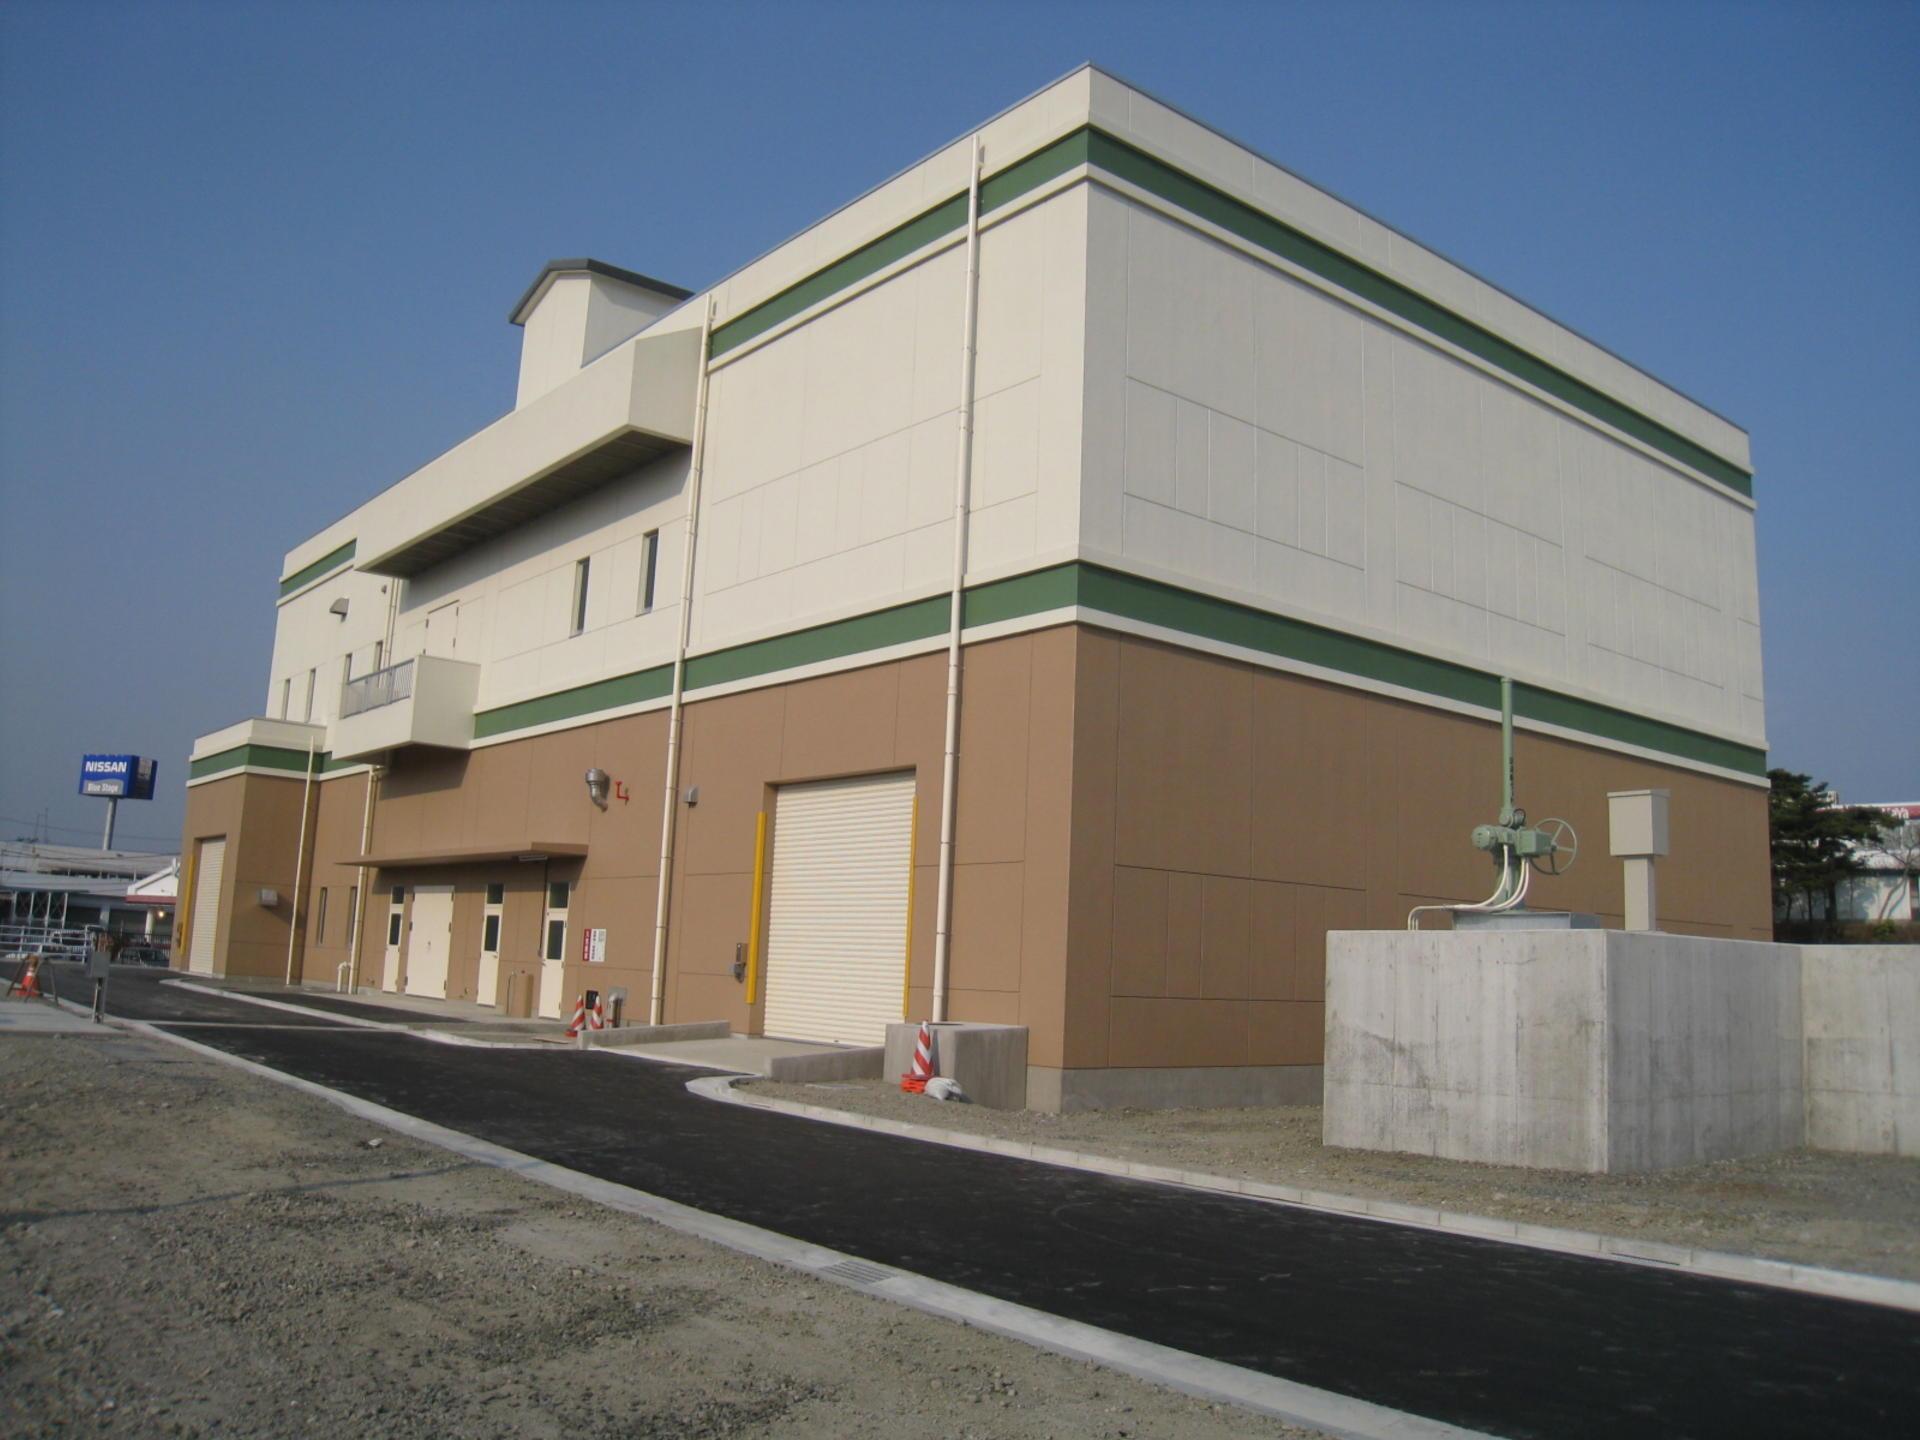 藤倉雨水ポンプ場(建築)築造工事(塩竈市発注)